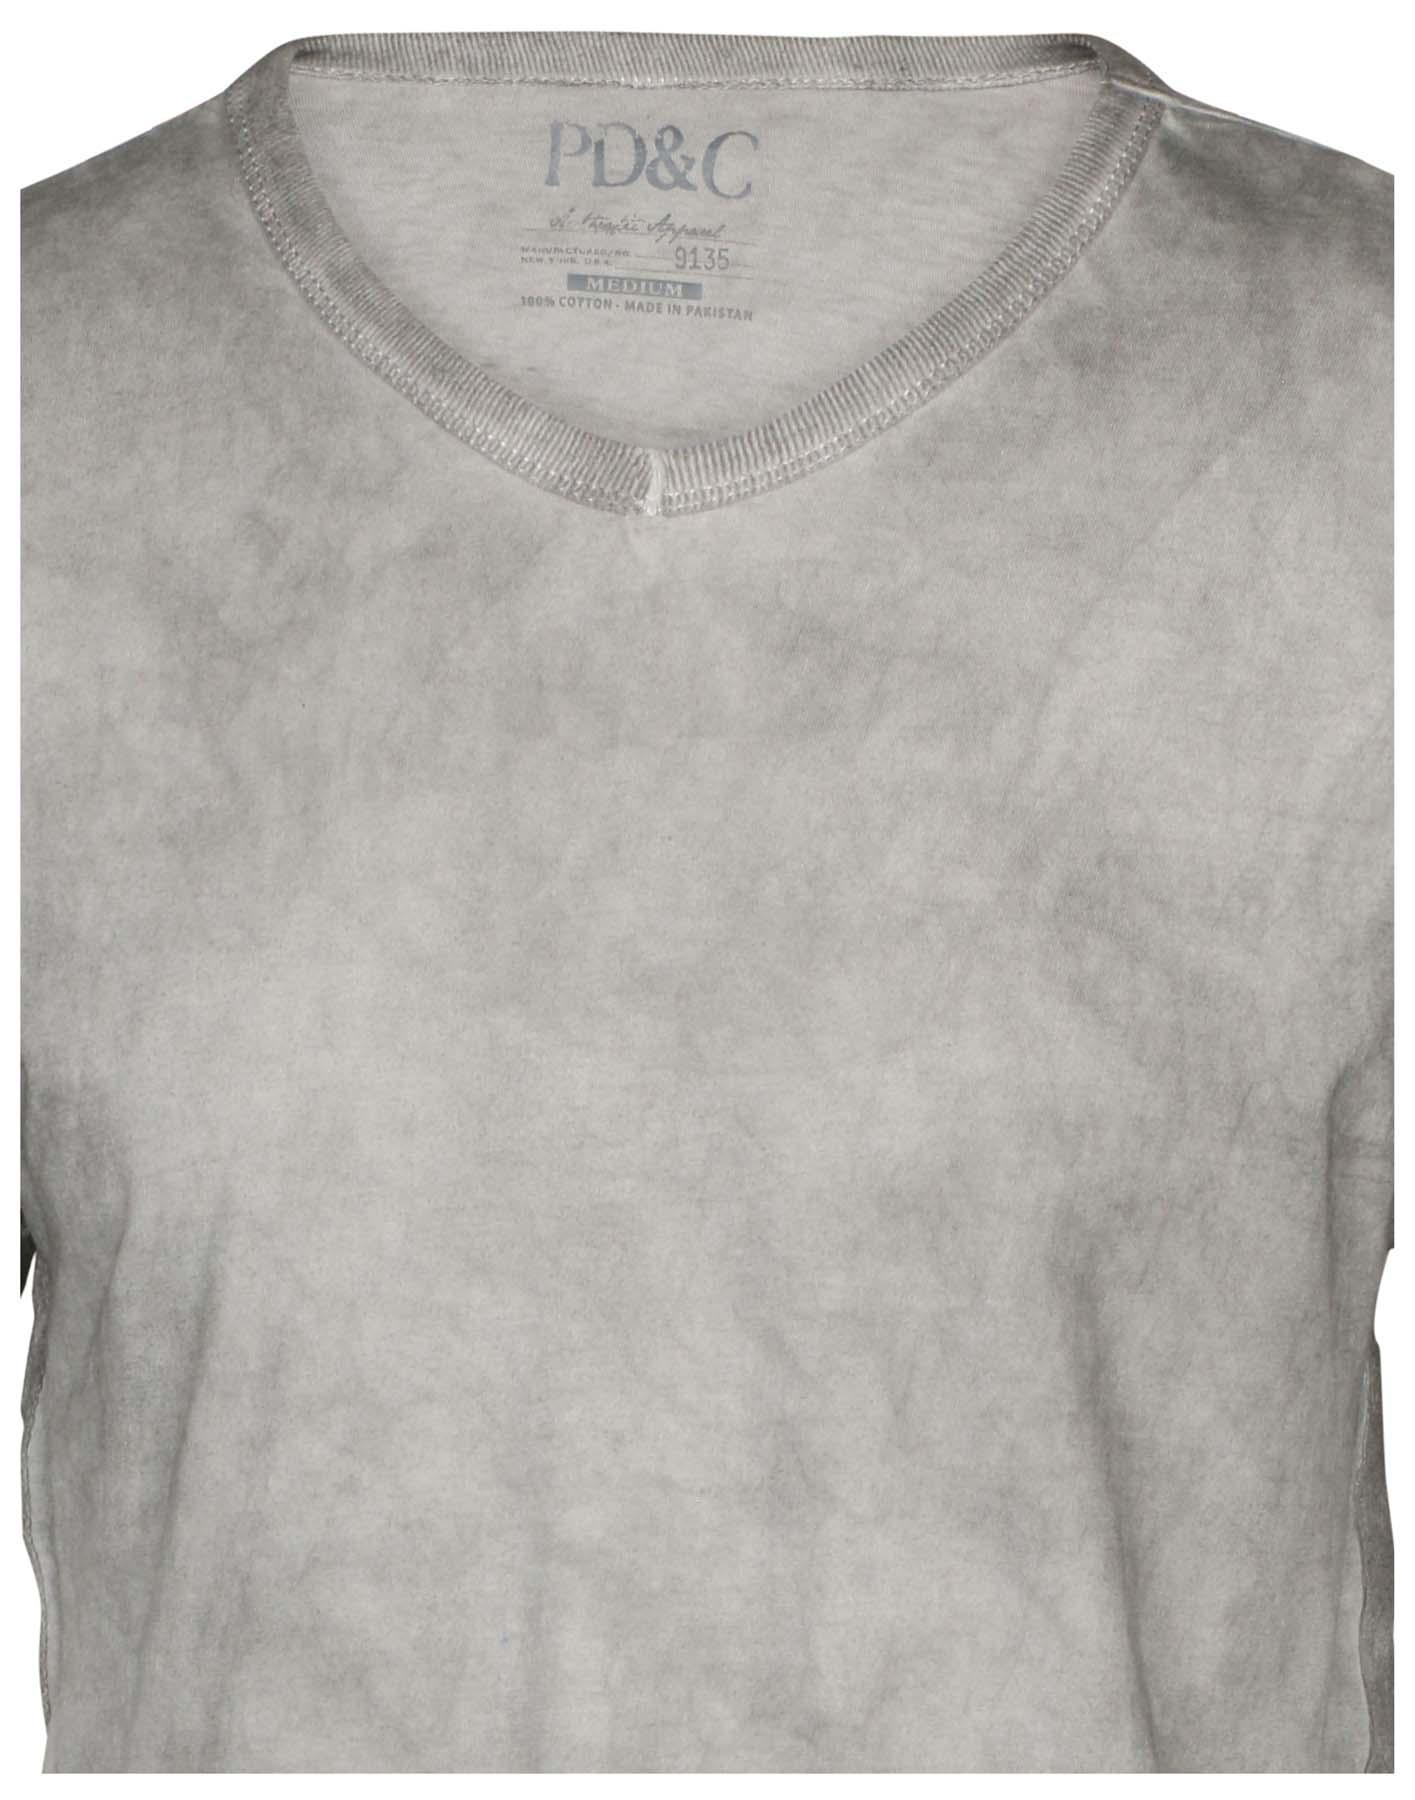 5b2aad8b04cb50 PD&C Men's Vintage Wash V-Neck T-Shirt   eBay